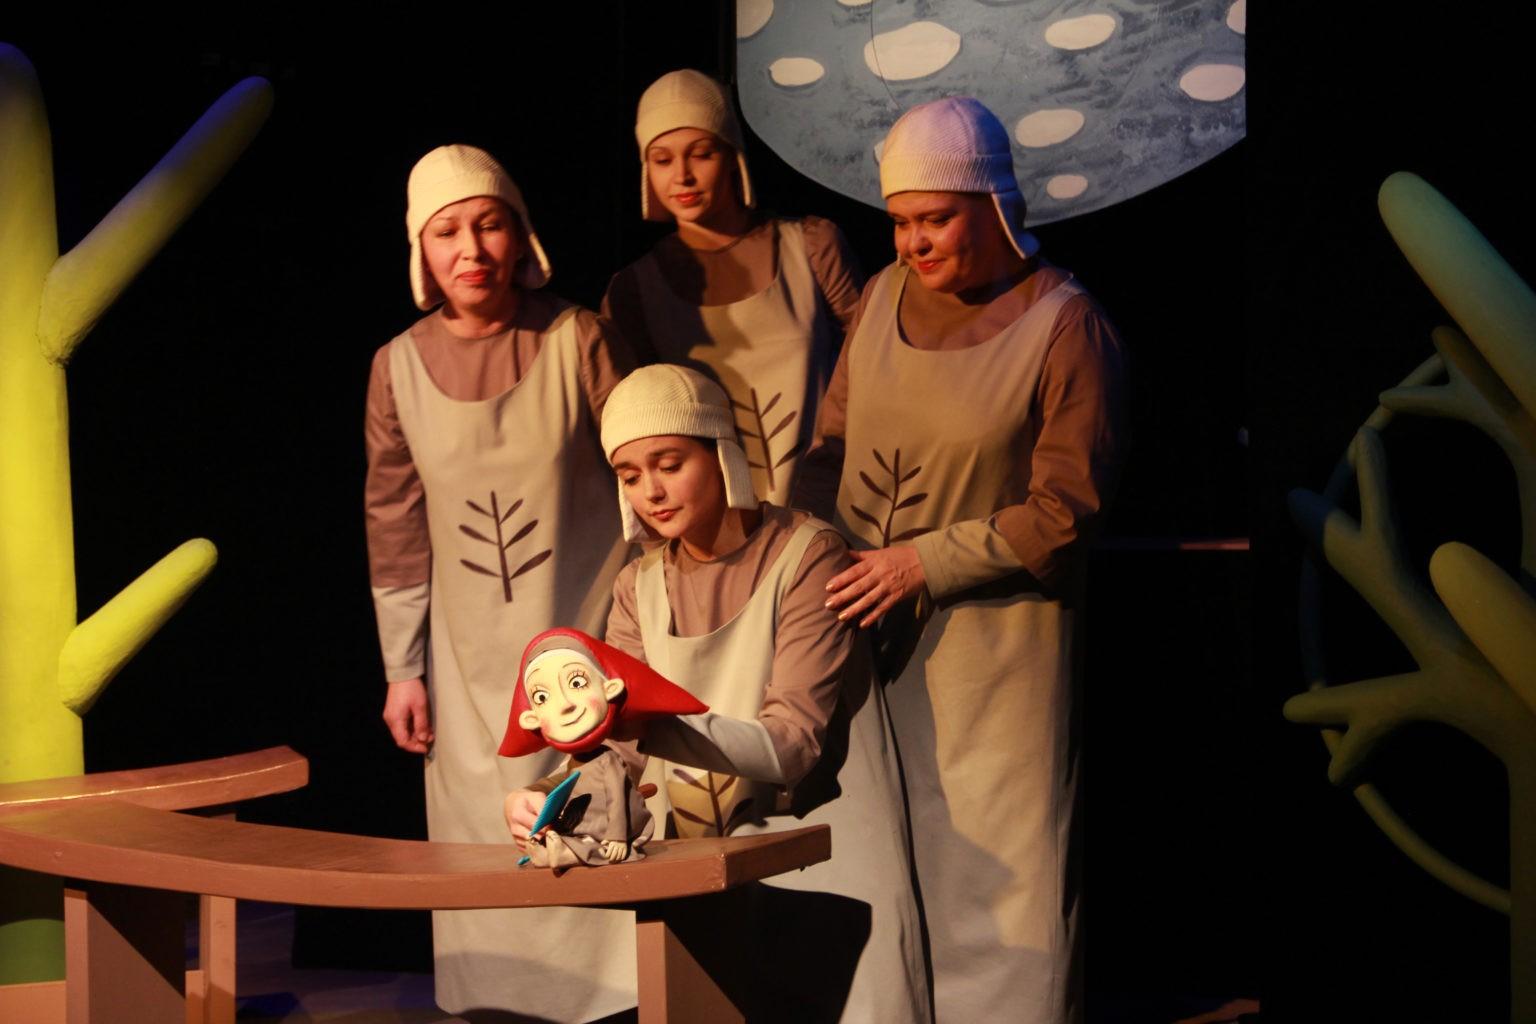 Н. Синюкова (в центре), остальные слева направо – О. Яцук, И. Салтымакова, О. Паммелл (спектакль «Крошечка-Хаврошечка»): фотография